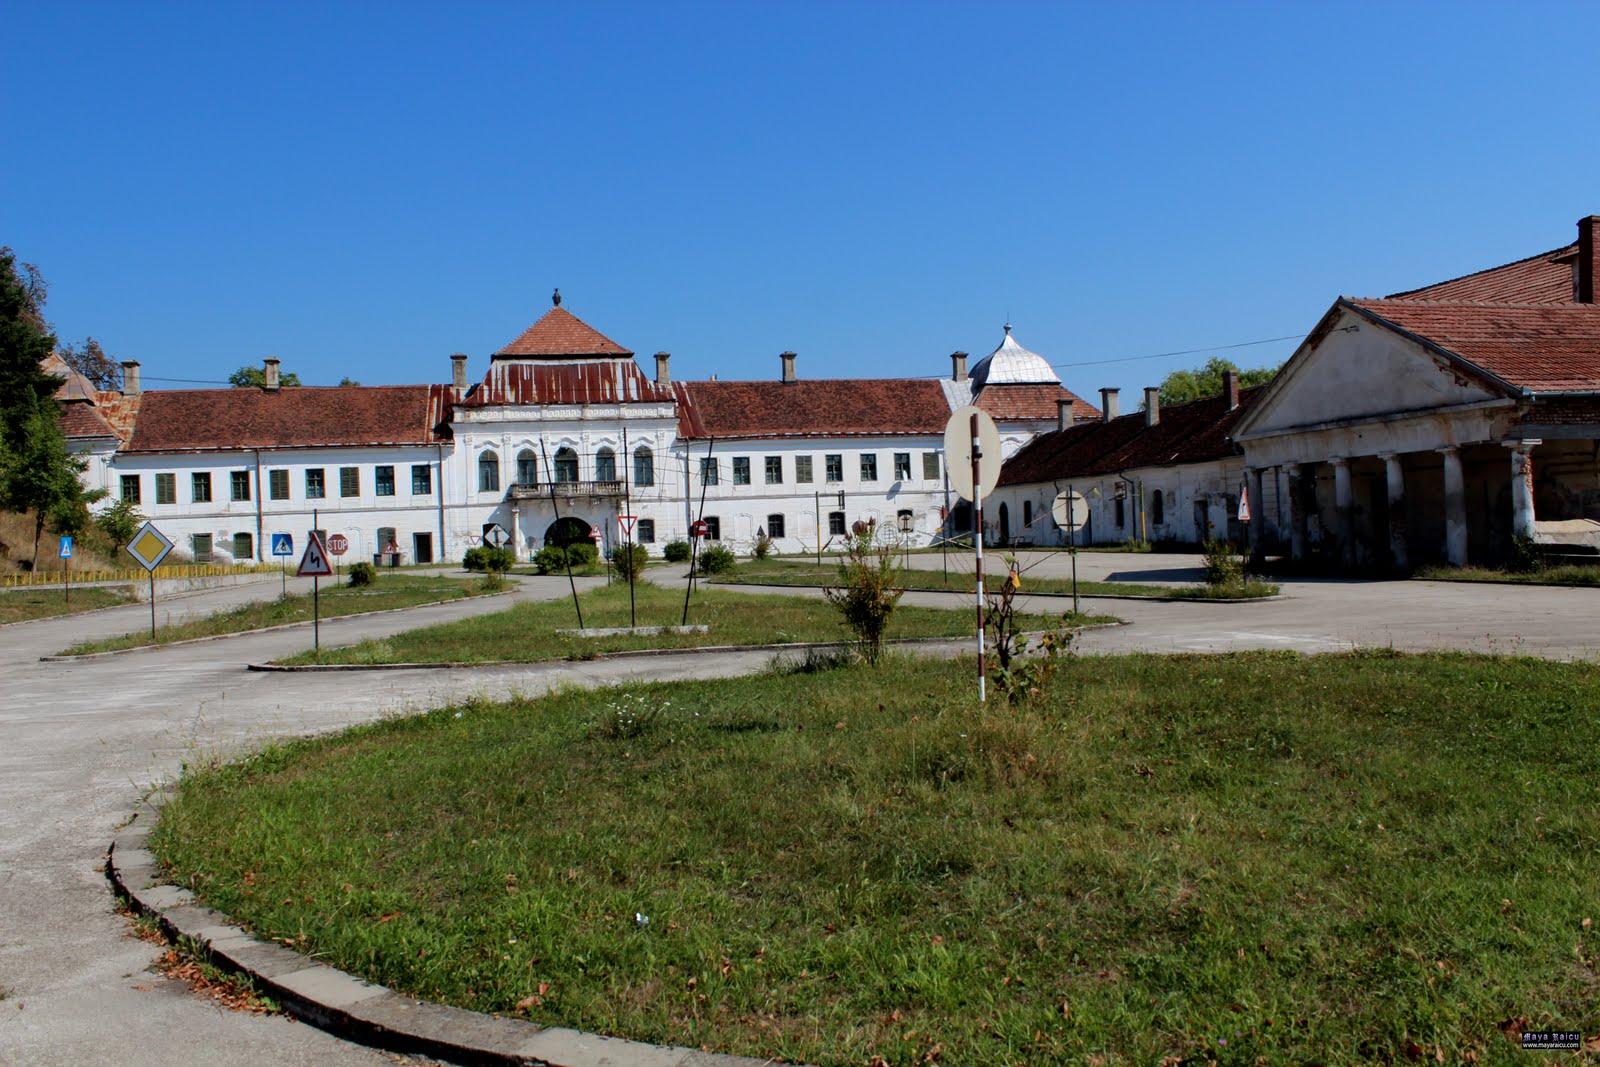 Castelul Wesselenyi este impunător asemeni unei cetăți